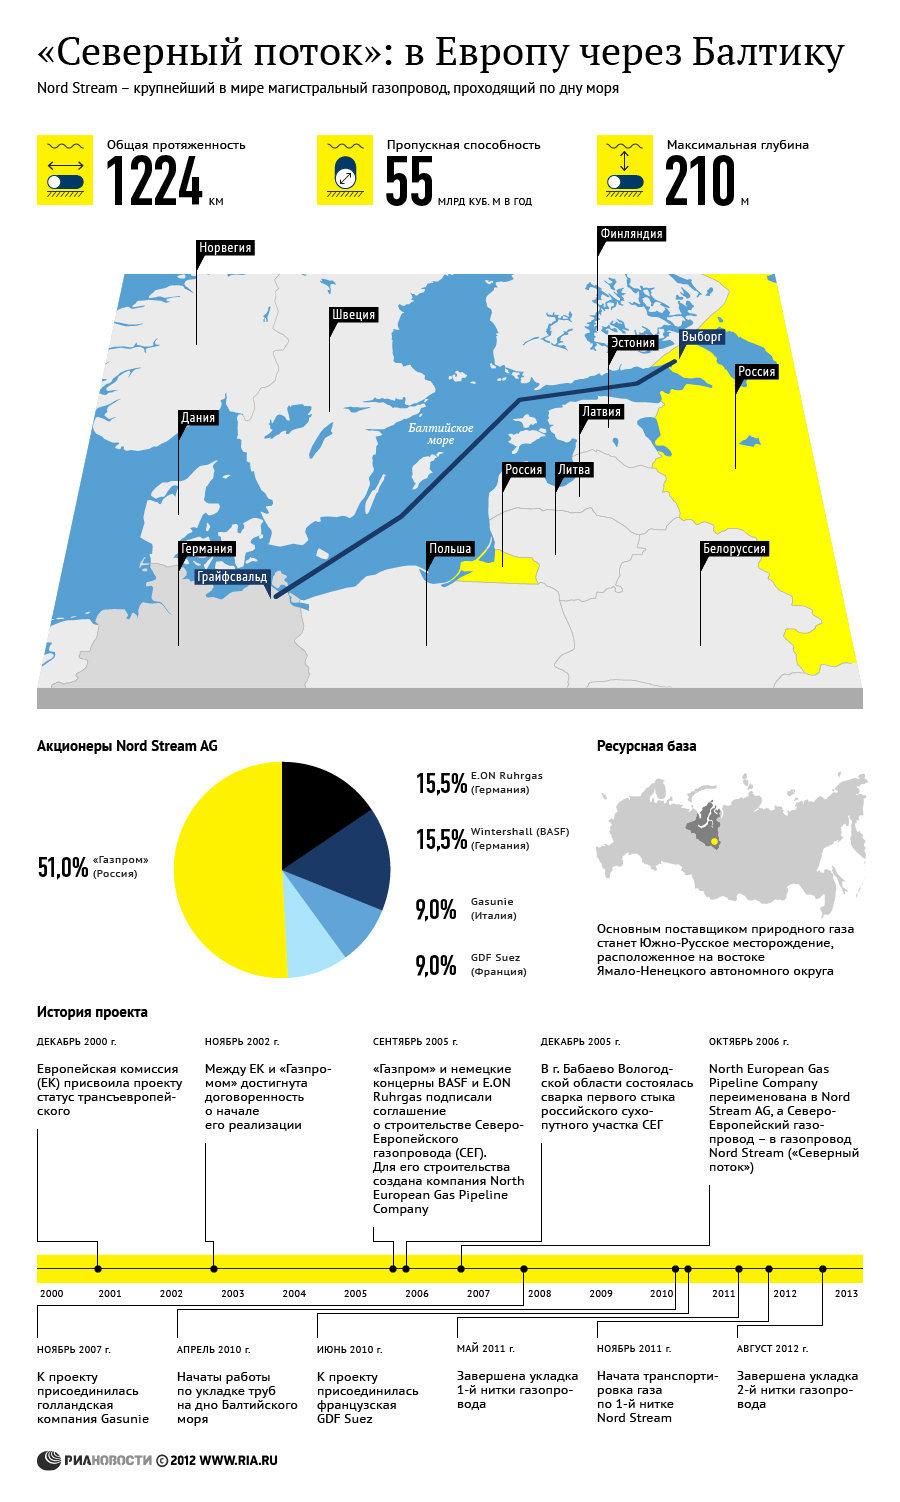 Газопровод «Северный поток»: история, акционеры и ресурсная база